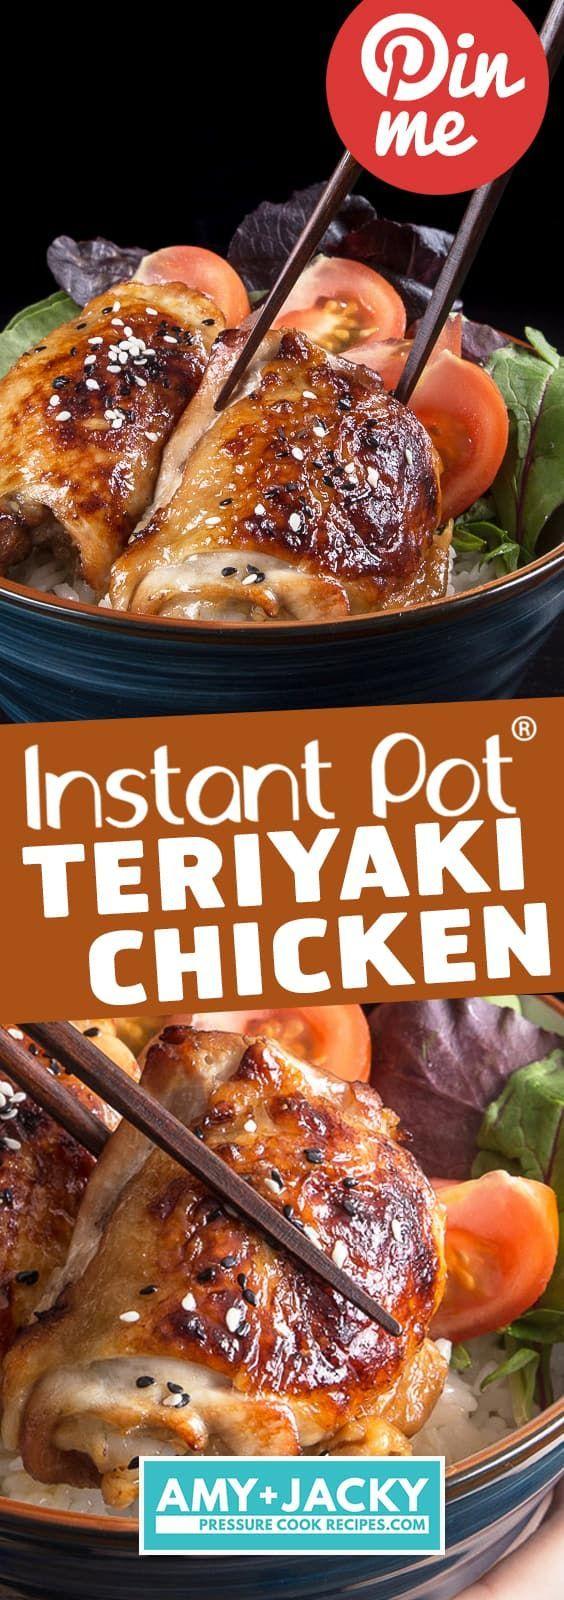 Instant Pot Teriyaki Chicken #ricecookermeals